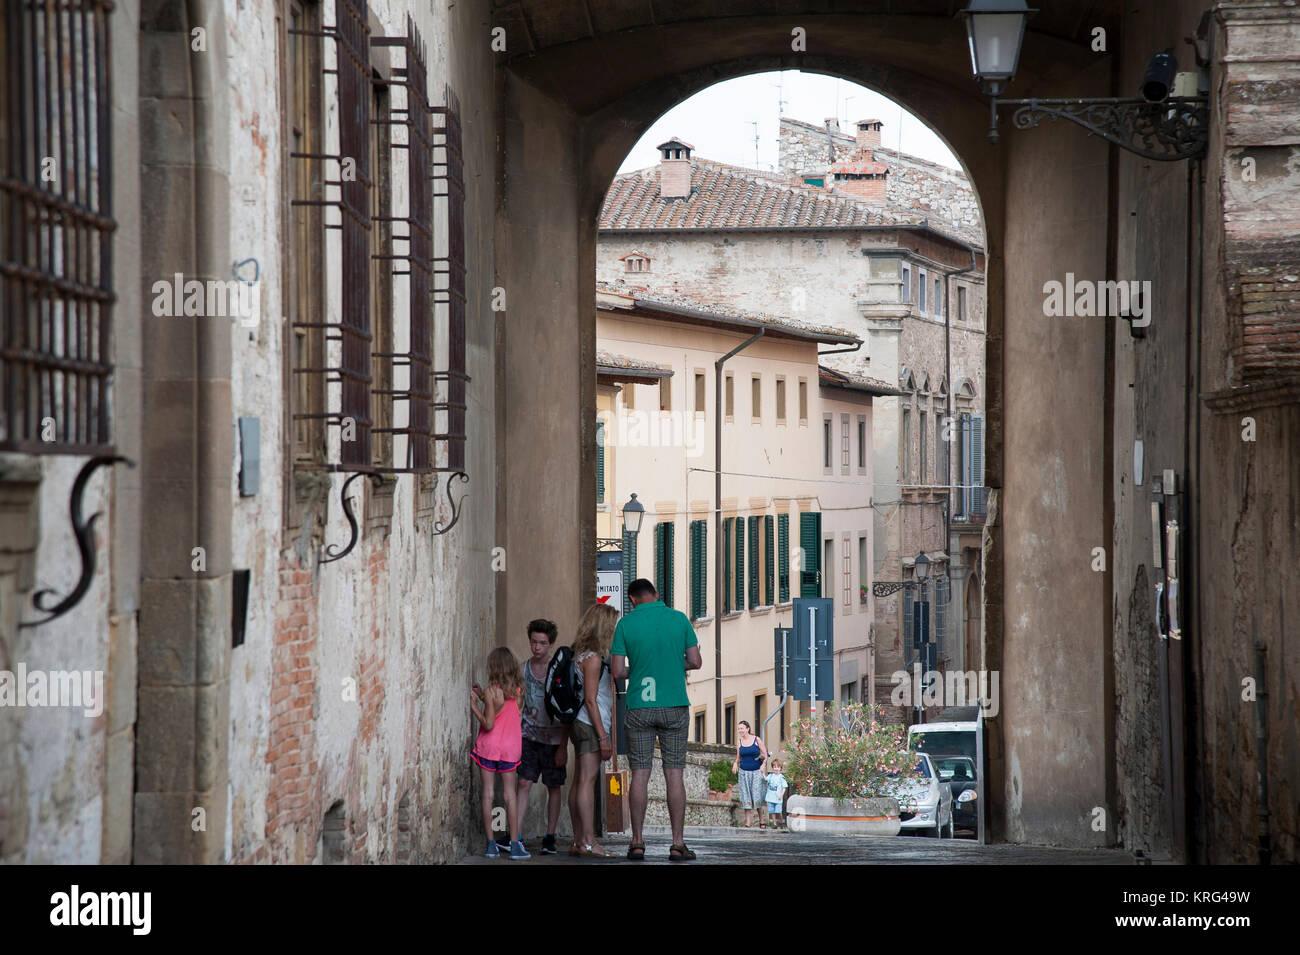 Via del Castello in Historic Centre of Colle di Val d'Elsa, Tuscany, Italy. 1 August 2016 © Wojciech Strozyk / Alamy Stock Photo